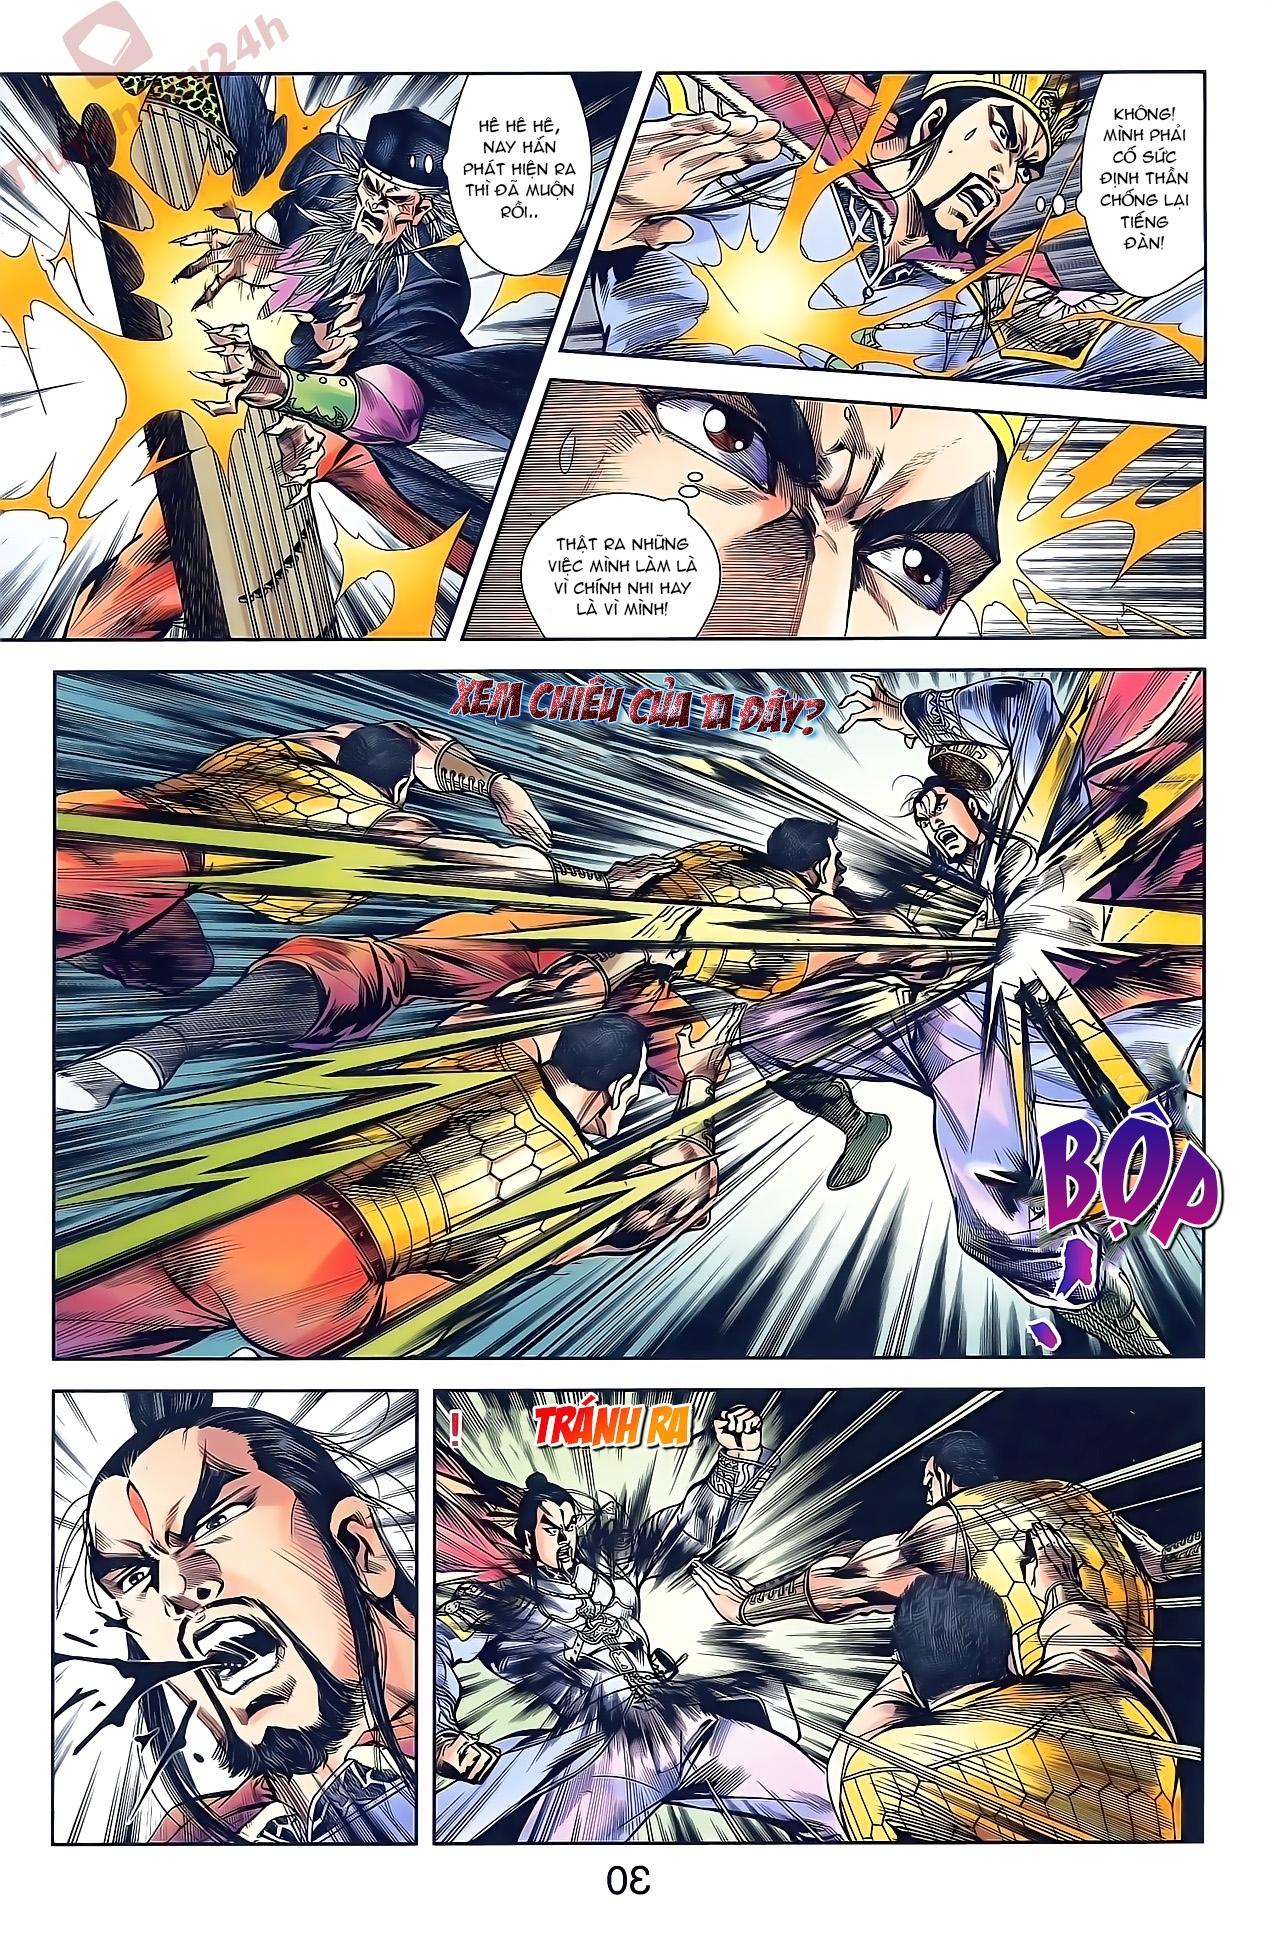 Tần Vương Doanh Chính chapter 45 trang 28